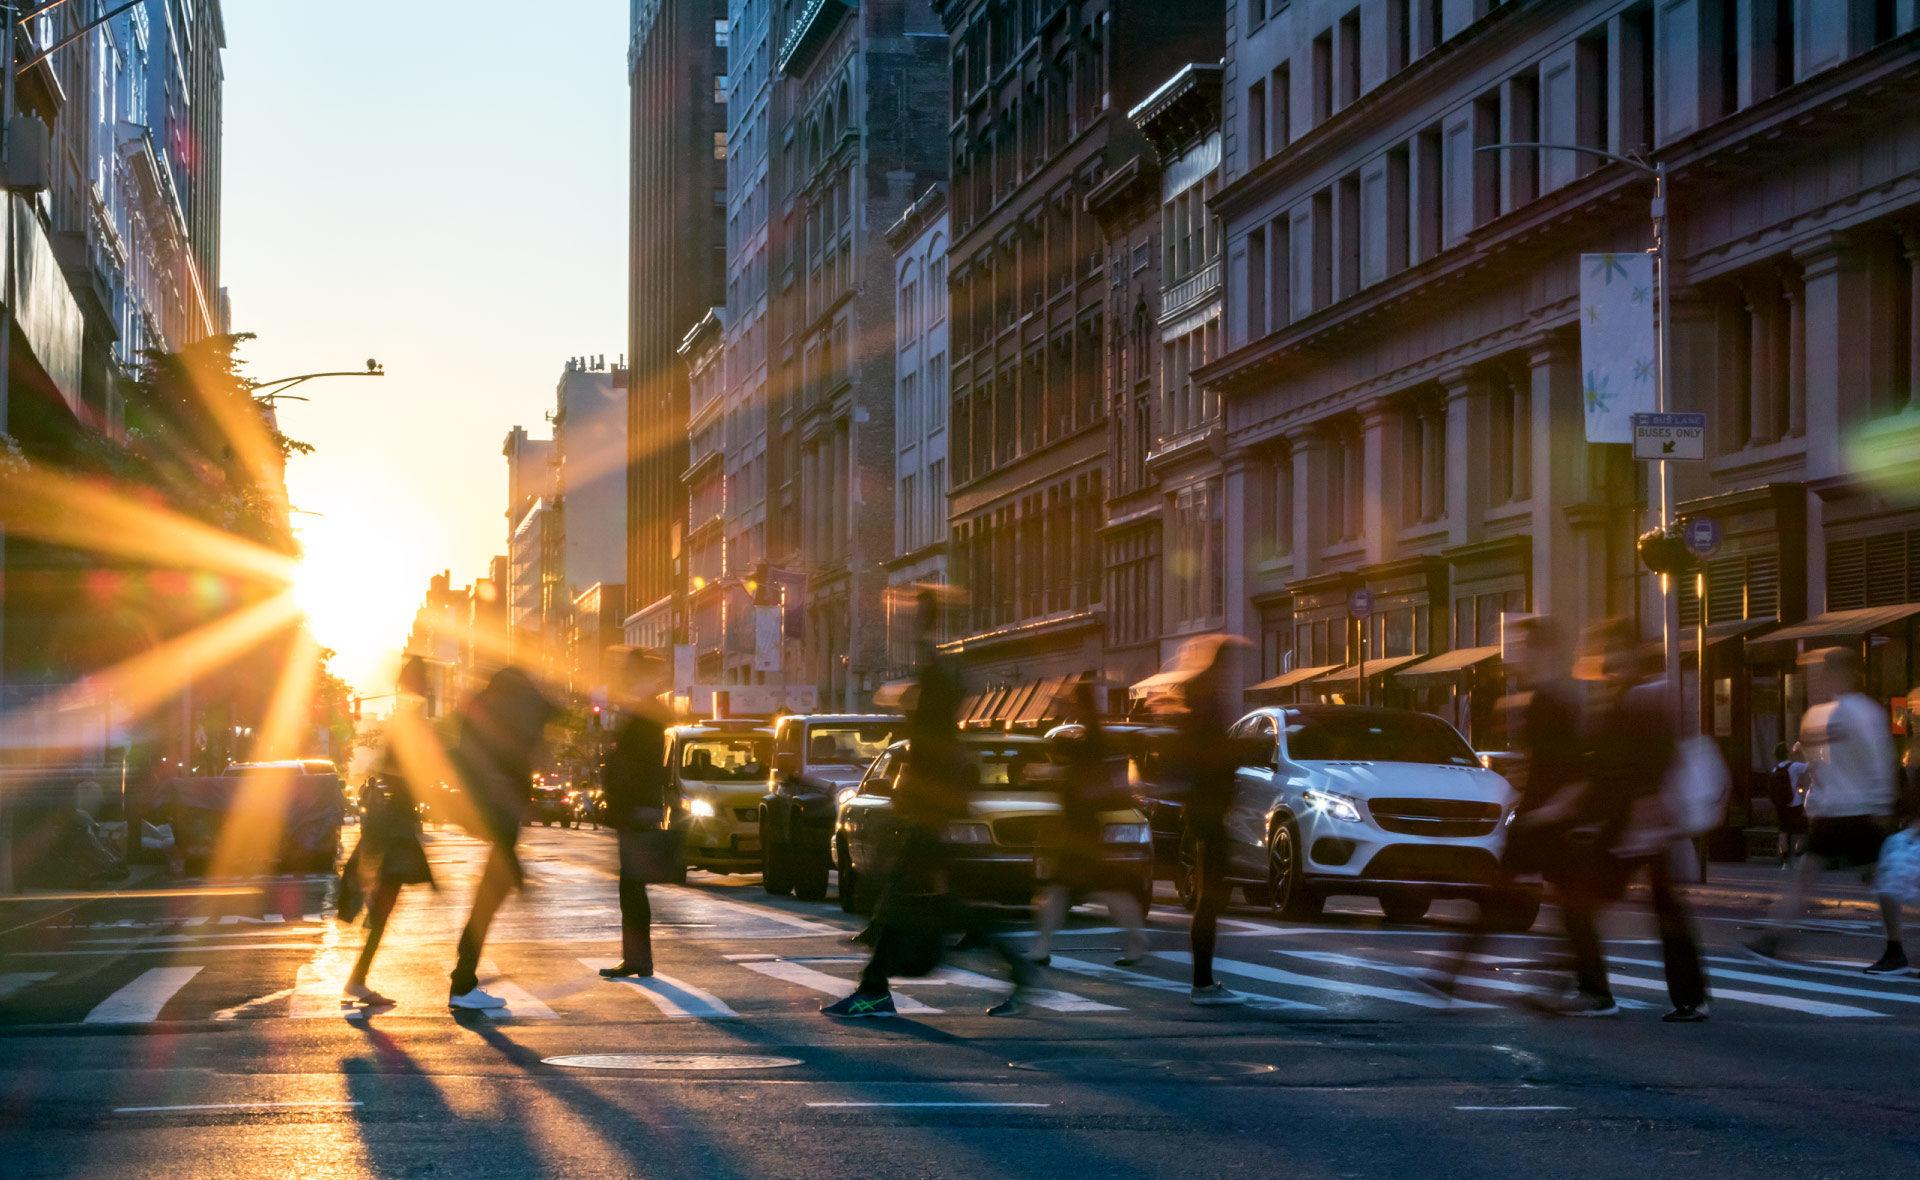 empleo2-ciudad-gente-movimiento-urbanismo-rutina-bullicio-